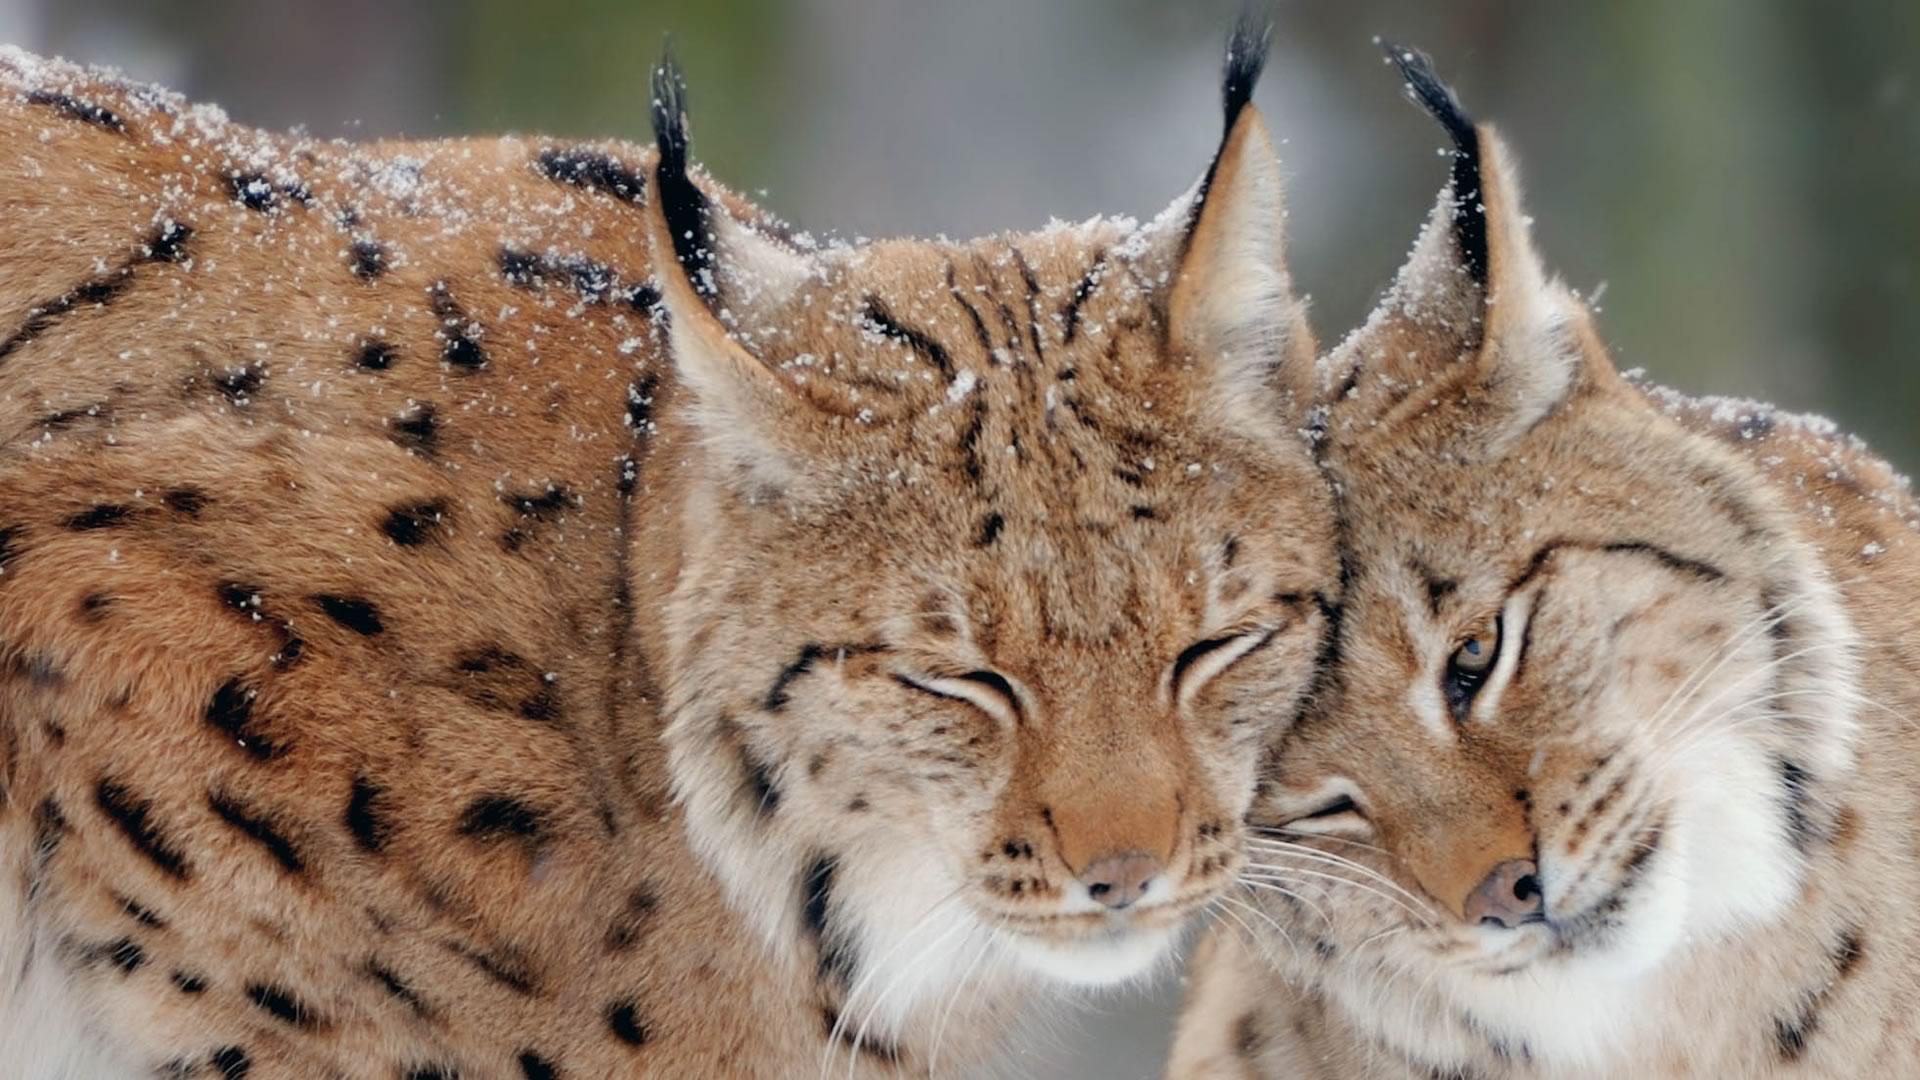 download wallpaper: twee lynxen in de sneeuw wallpaper